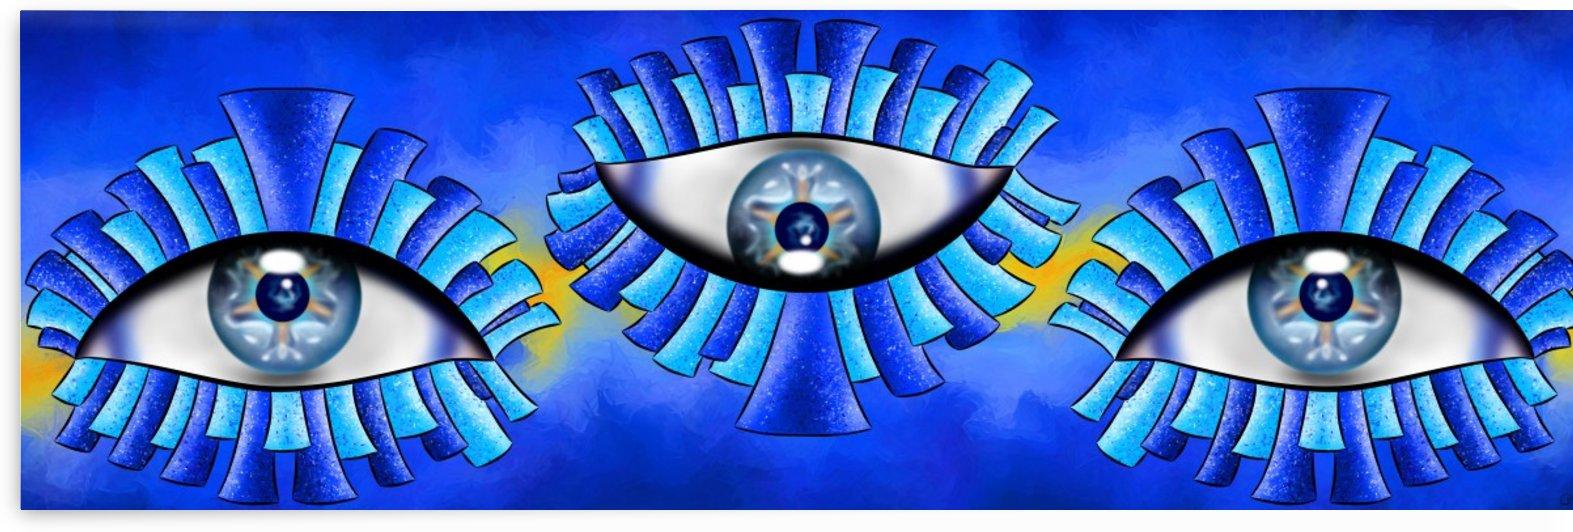 Globellinossa V1 - triple eyes by Cersatti Art